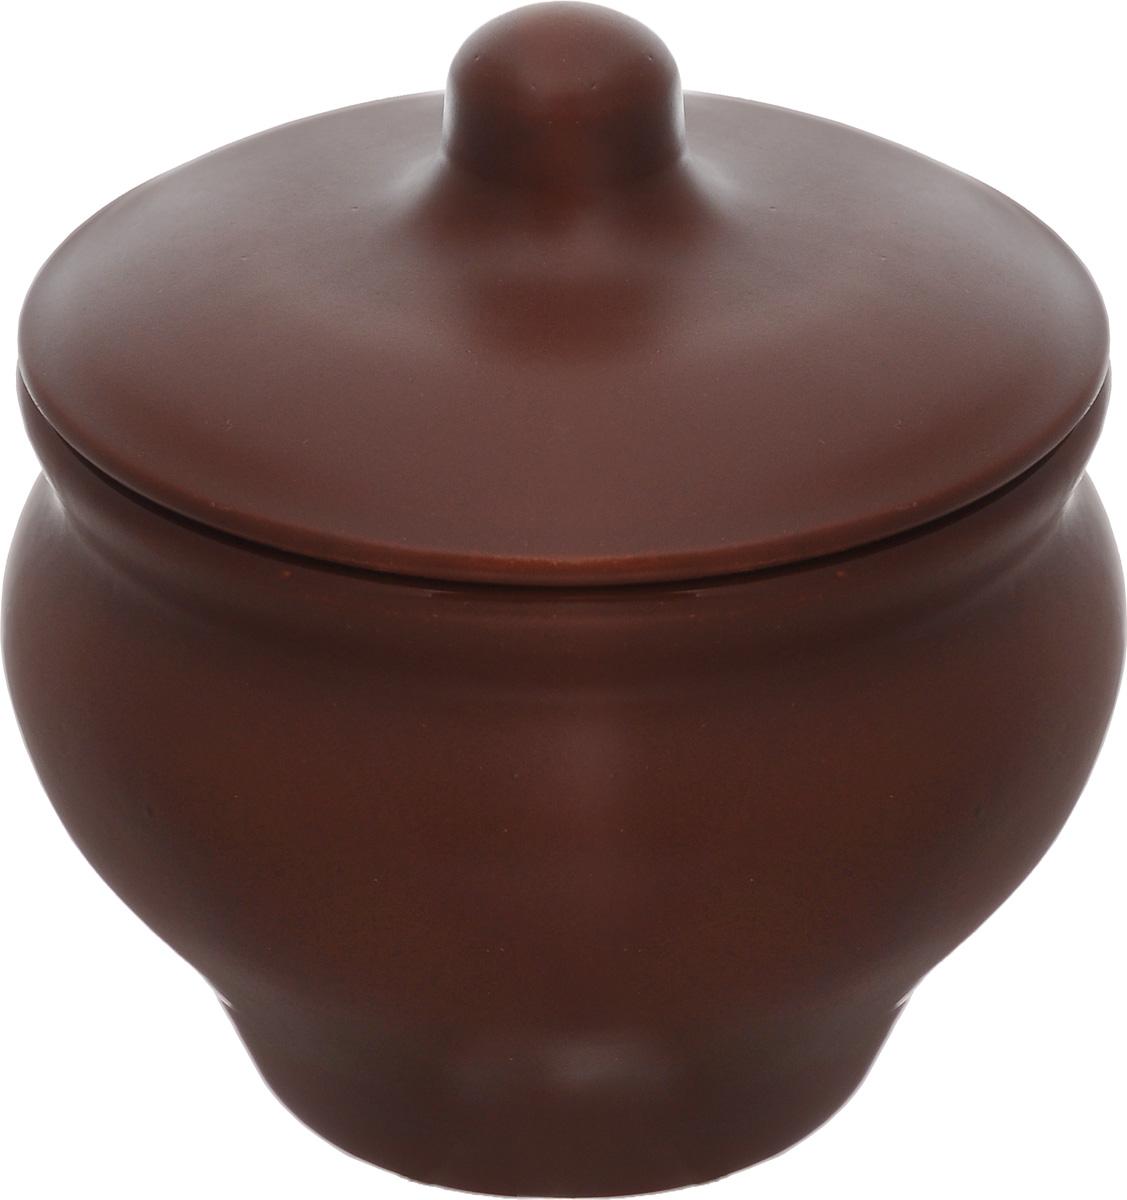 Горшочек для запекания Борисовская керамика Мечта хозяйки, цвет: коричневый, 350 млШЛК14457931_коричневыйЕсли вы любите готовить небольшие блюда, вроде сытных жульенов или отдельно запеченного мяса – горшочек Борисовская керамика Мечта хозяйки именно для вас. Объем изделия позволяет использовать его для приготовления мини-блюд. Но это еще не все - горшочек будет очень удобен для хранения специй и приправ. Он выполнен из высококачественной керамики. В результате вы получаете одновременно посуду для приготовления и емкость для хранения. Горшочек подходит для использования в духовке и микроволновой печи. Диаметр (по верхнему краю): 9,7 см. Высота горшочка (без учета крышки): 8 см.